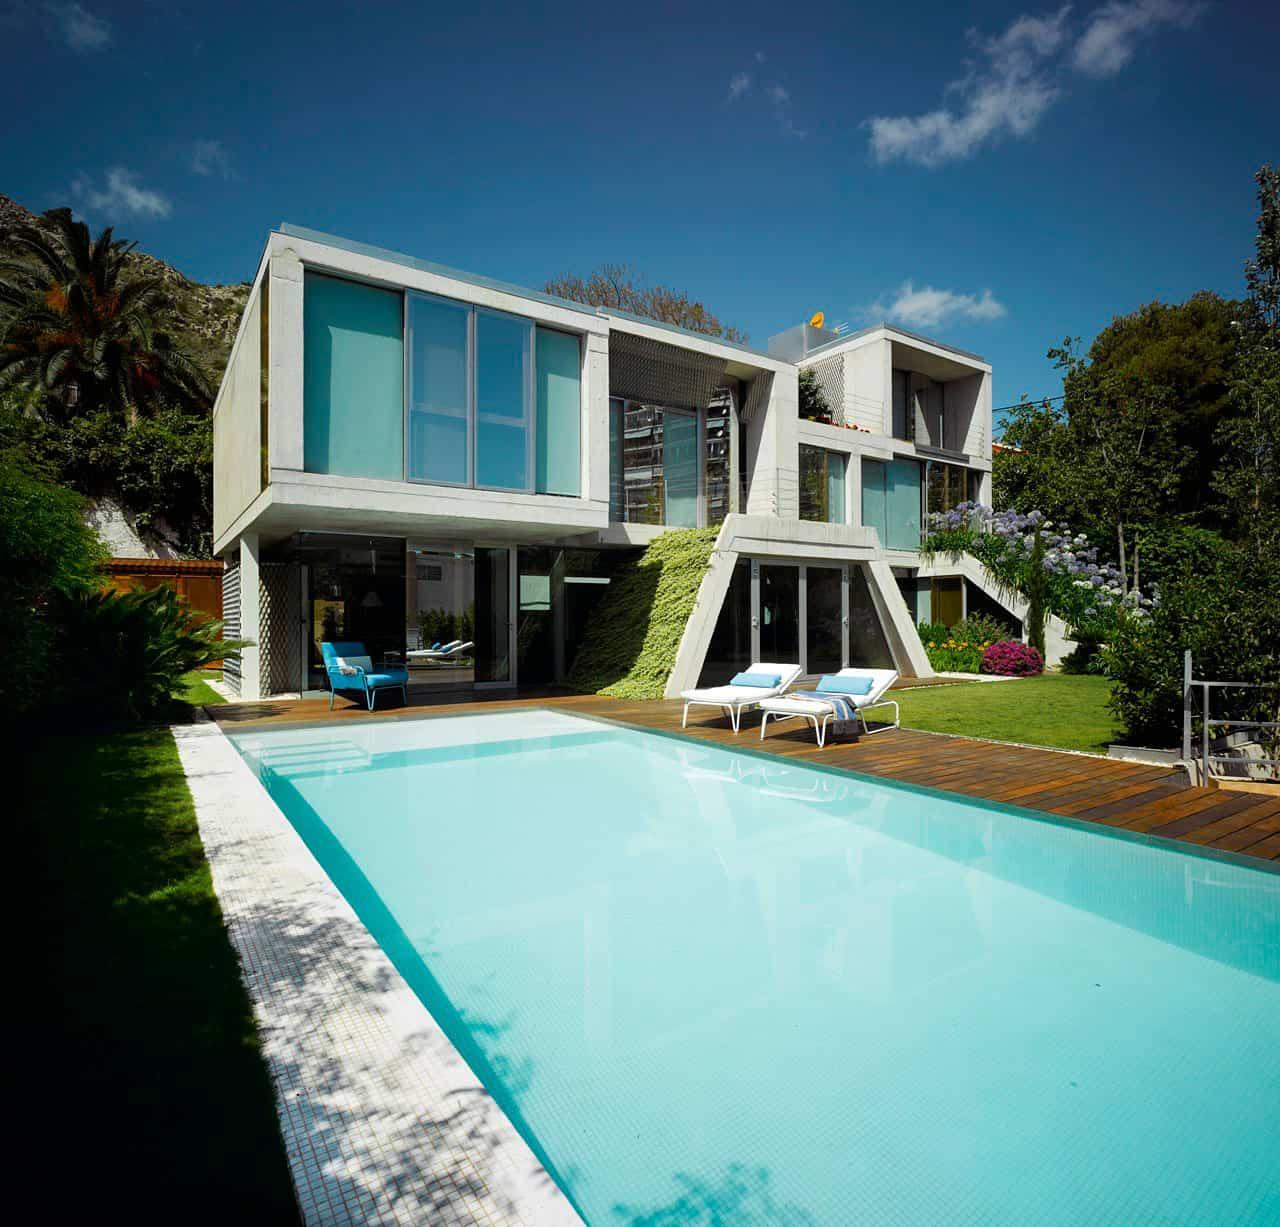 Garden House by Joaquín Alvado Bañón (4)